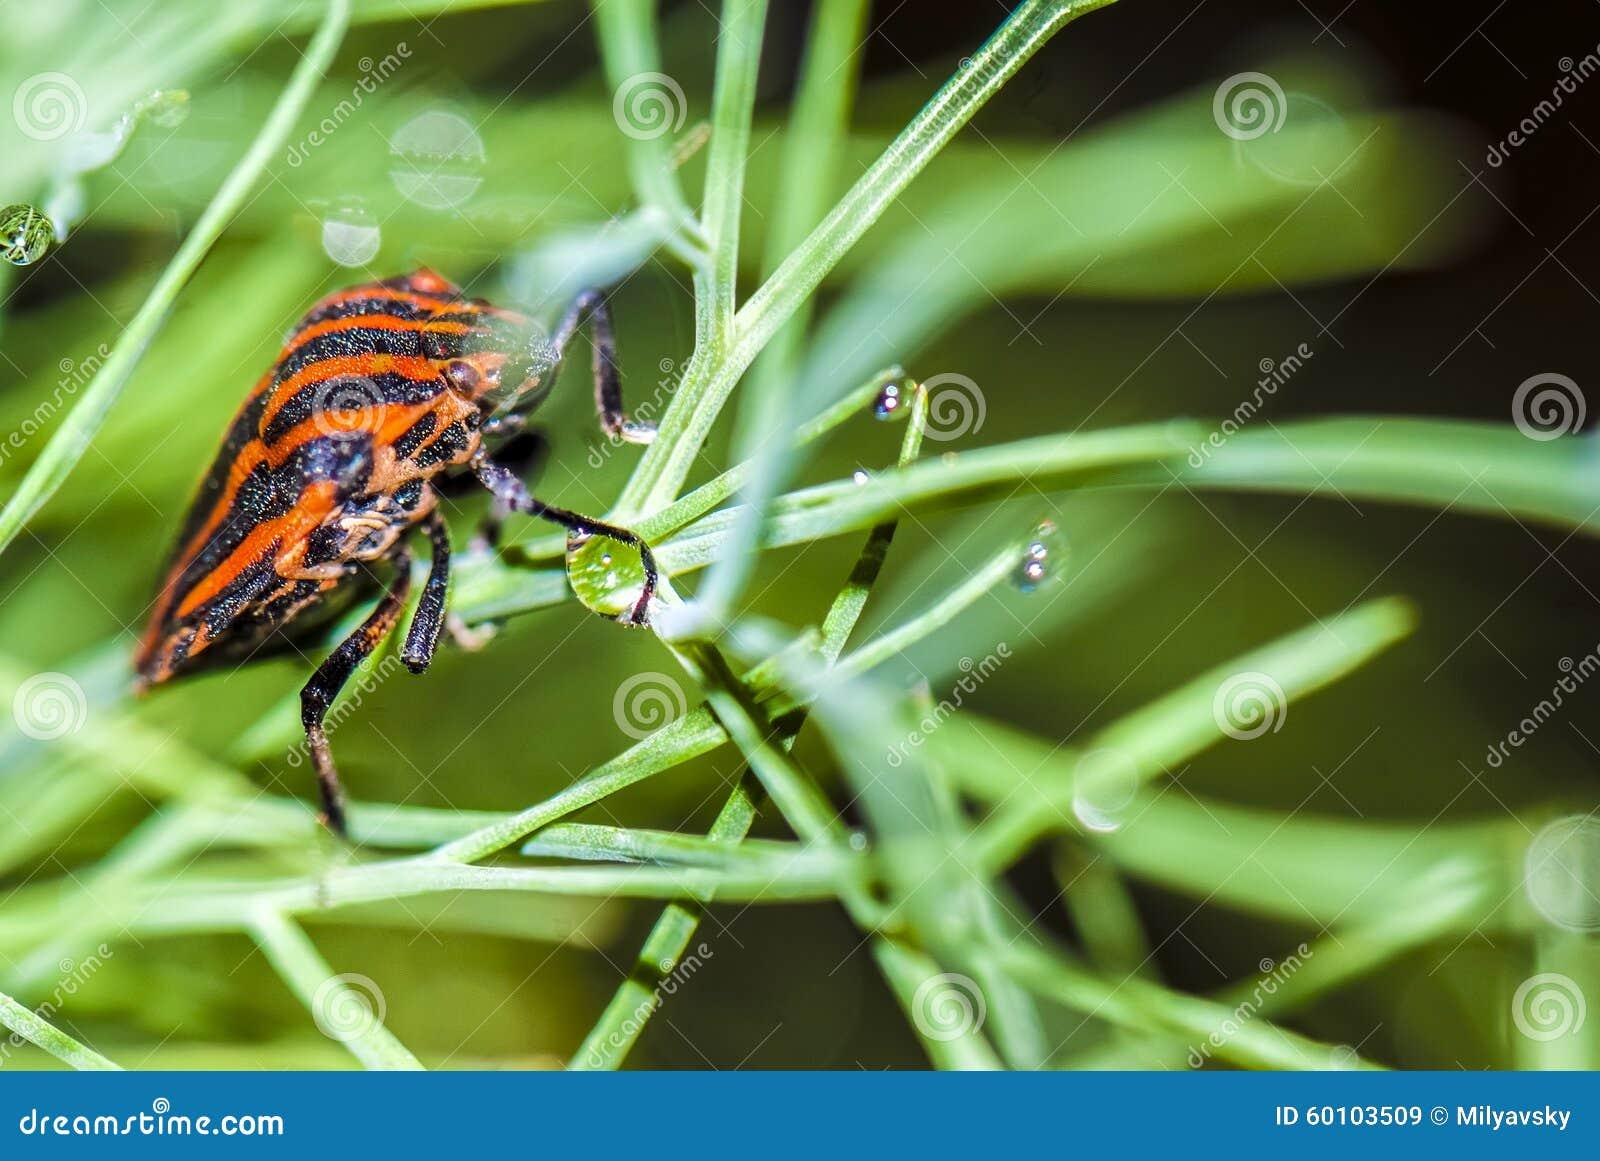 Fermez-vous vers le haut de la vue sur l insecte de Minstreal